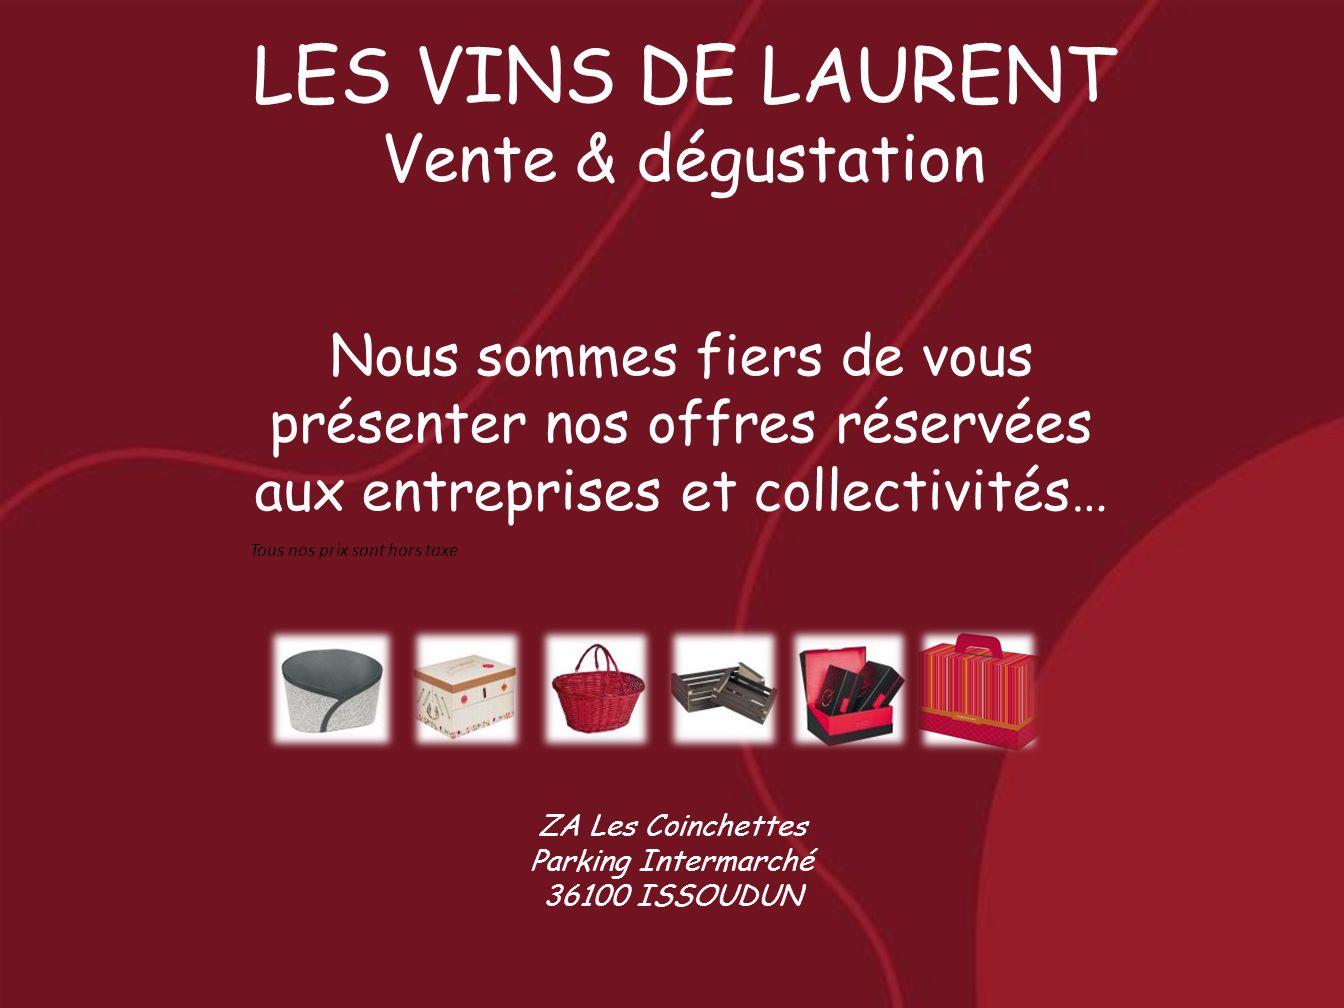 LES VINS DE LAURENT Vente & dégustation Nous sommes fiers de vous présenter nos offres réservées aux entreprises et collectivités… ZA Les Coinchettes